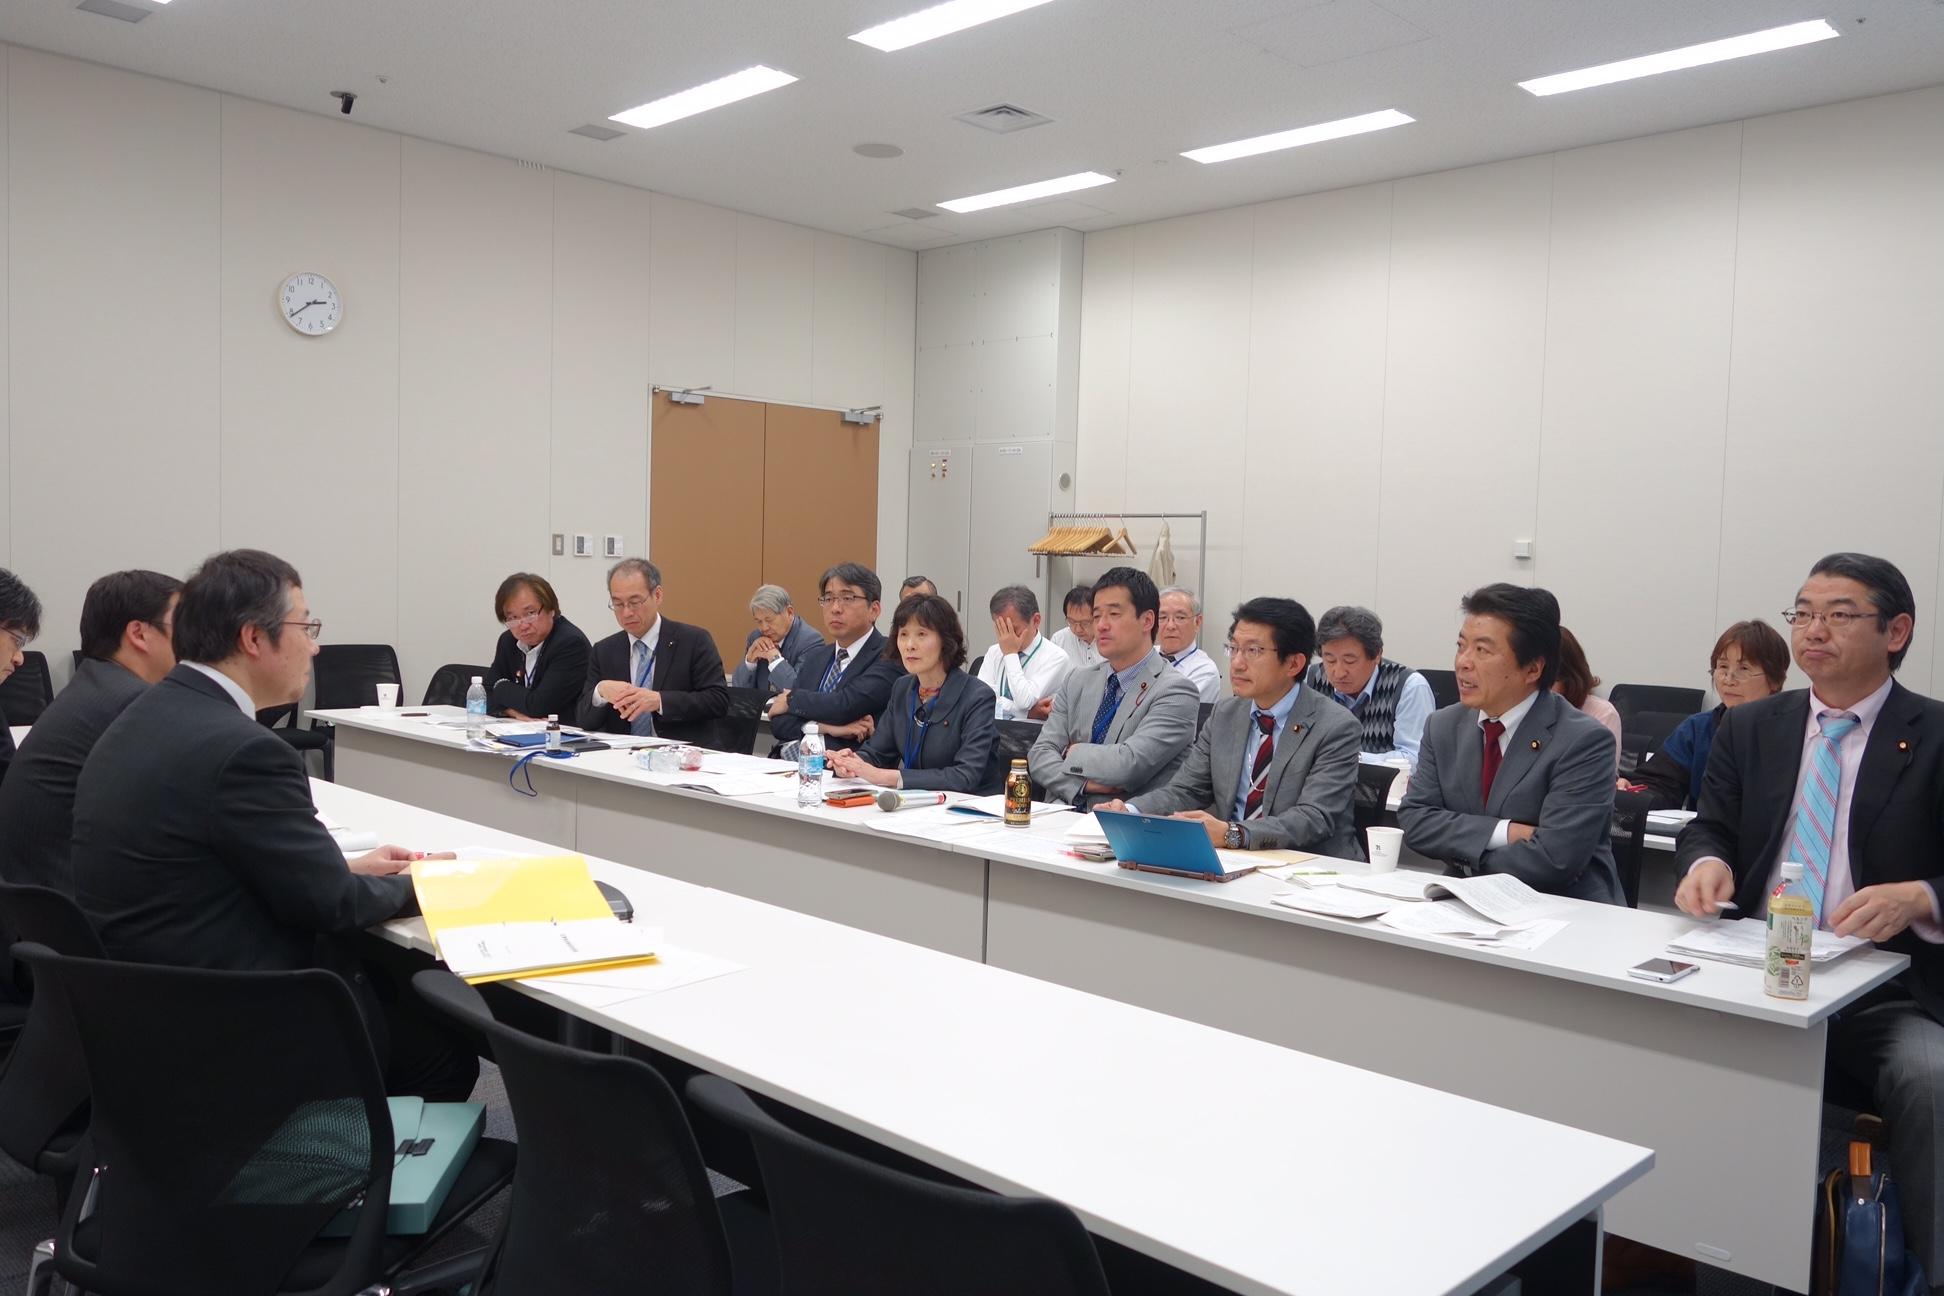 政府交渉する「いのちネット」の人たち。(右から)真島、仁比、田村の各議員=4月13日、国会内